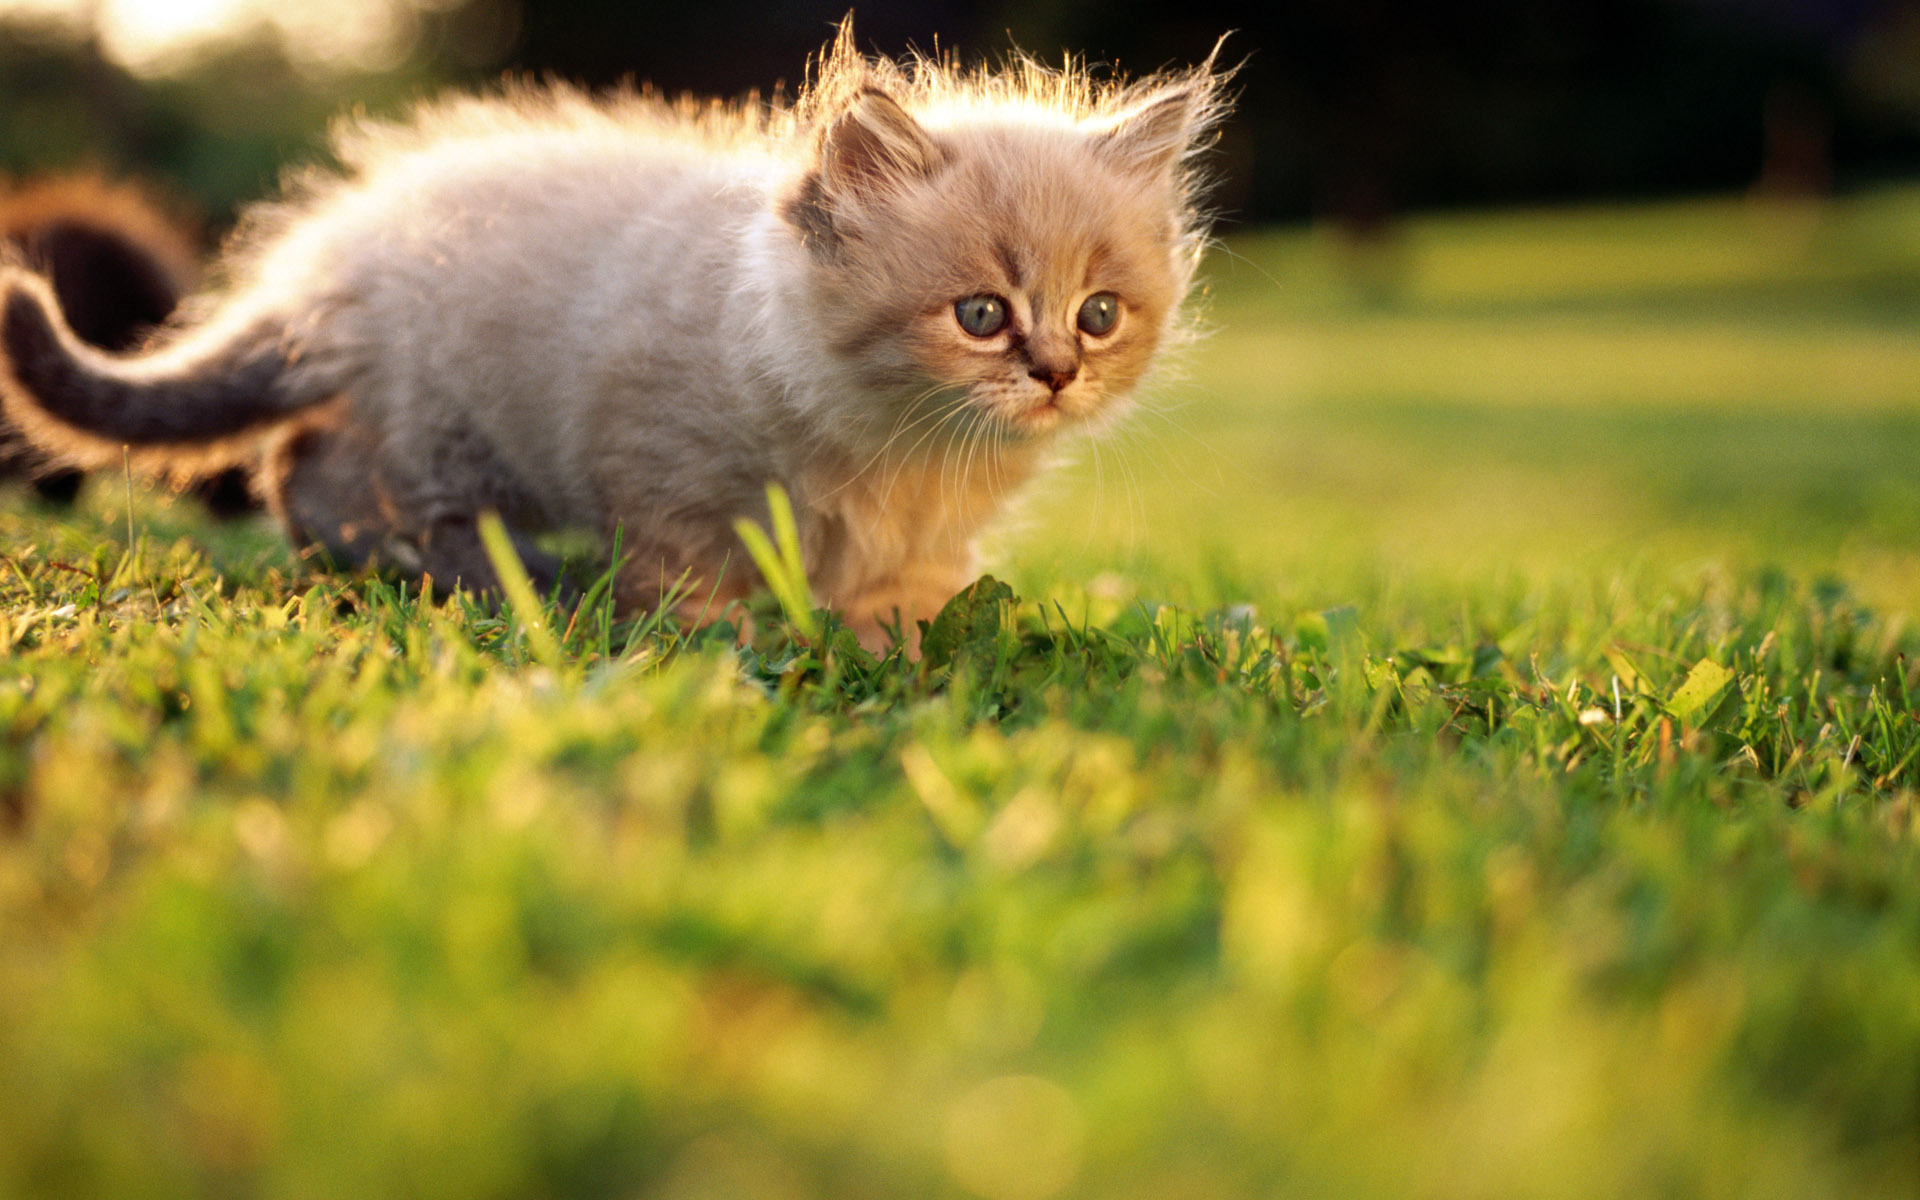 фотографии котят в очень высоком разрешении